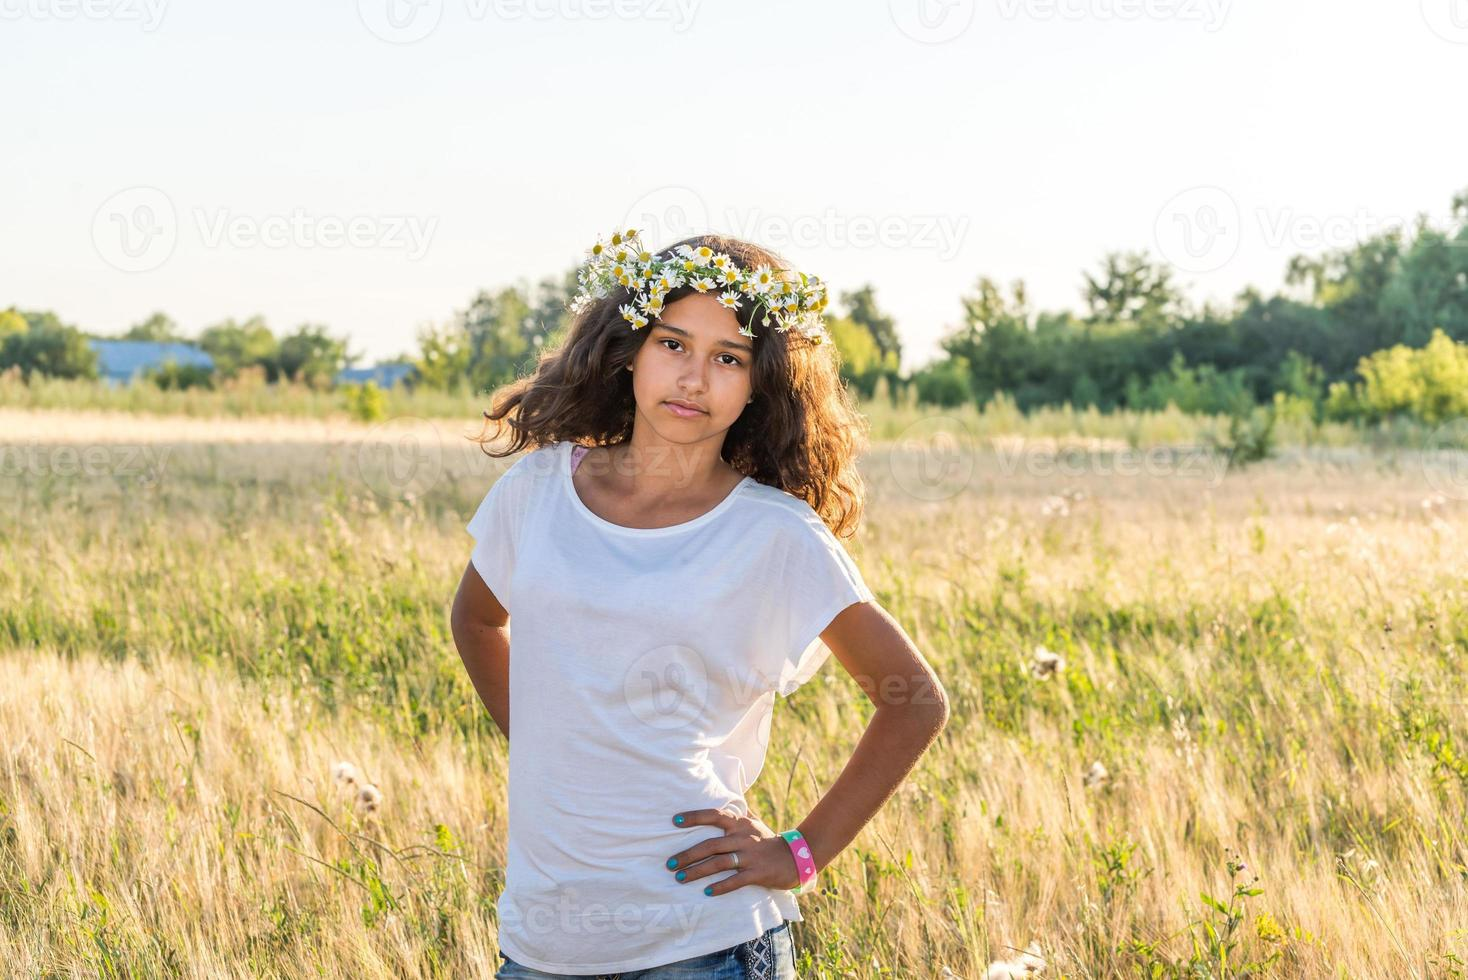 adolescente avec une couronne de marguerites dans le champ photo